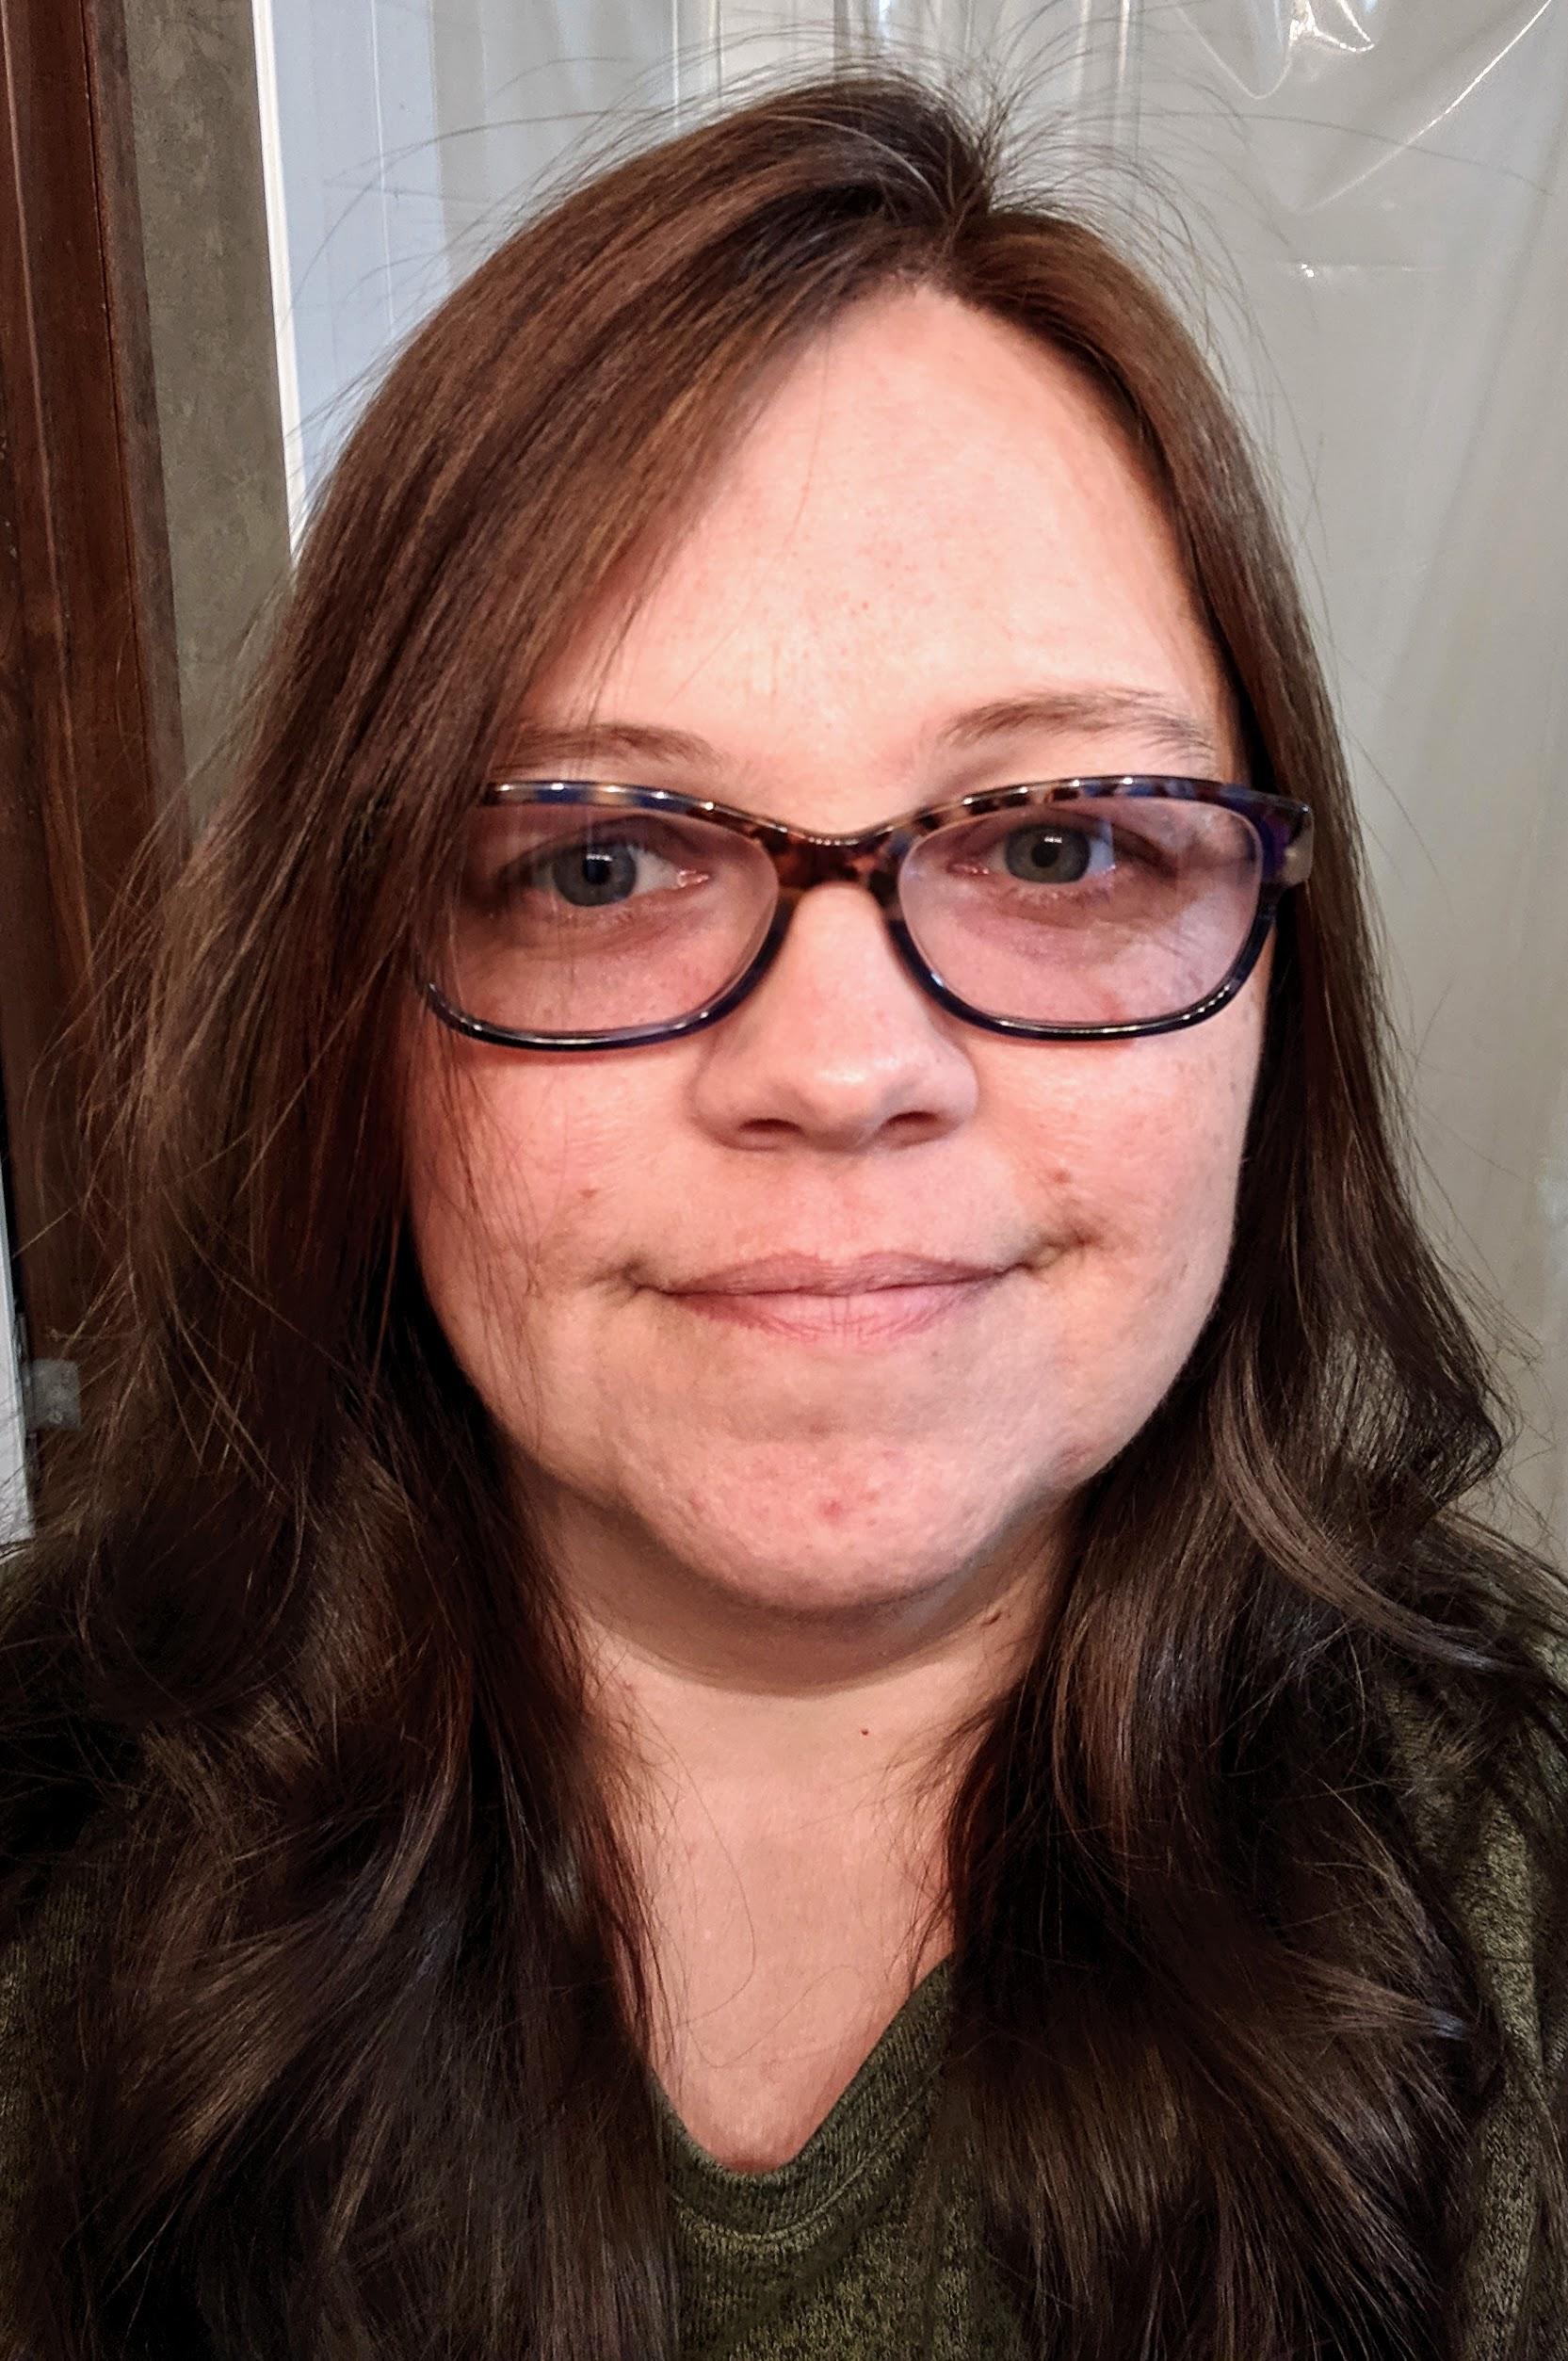 Mrs. D Photo